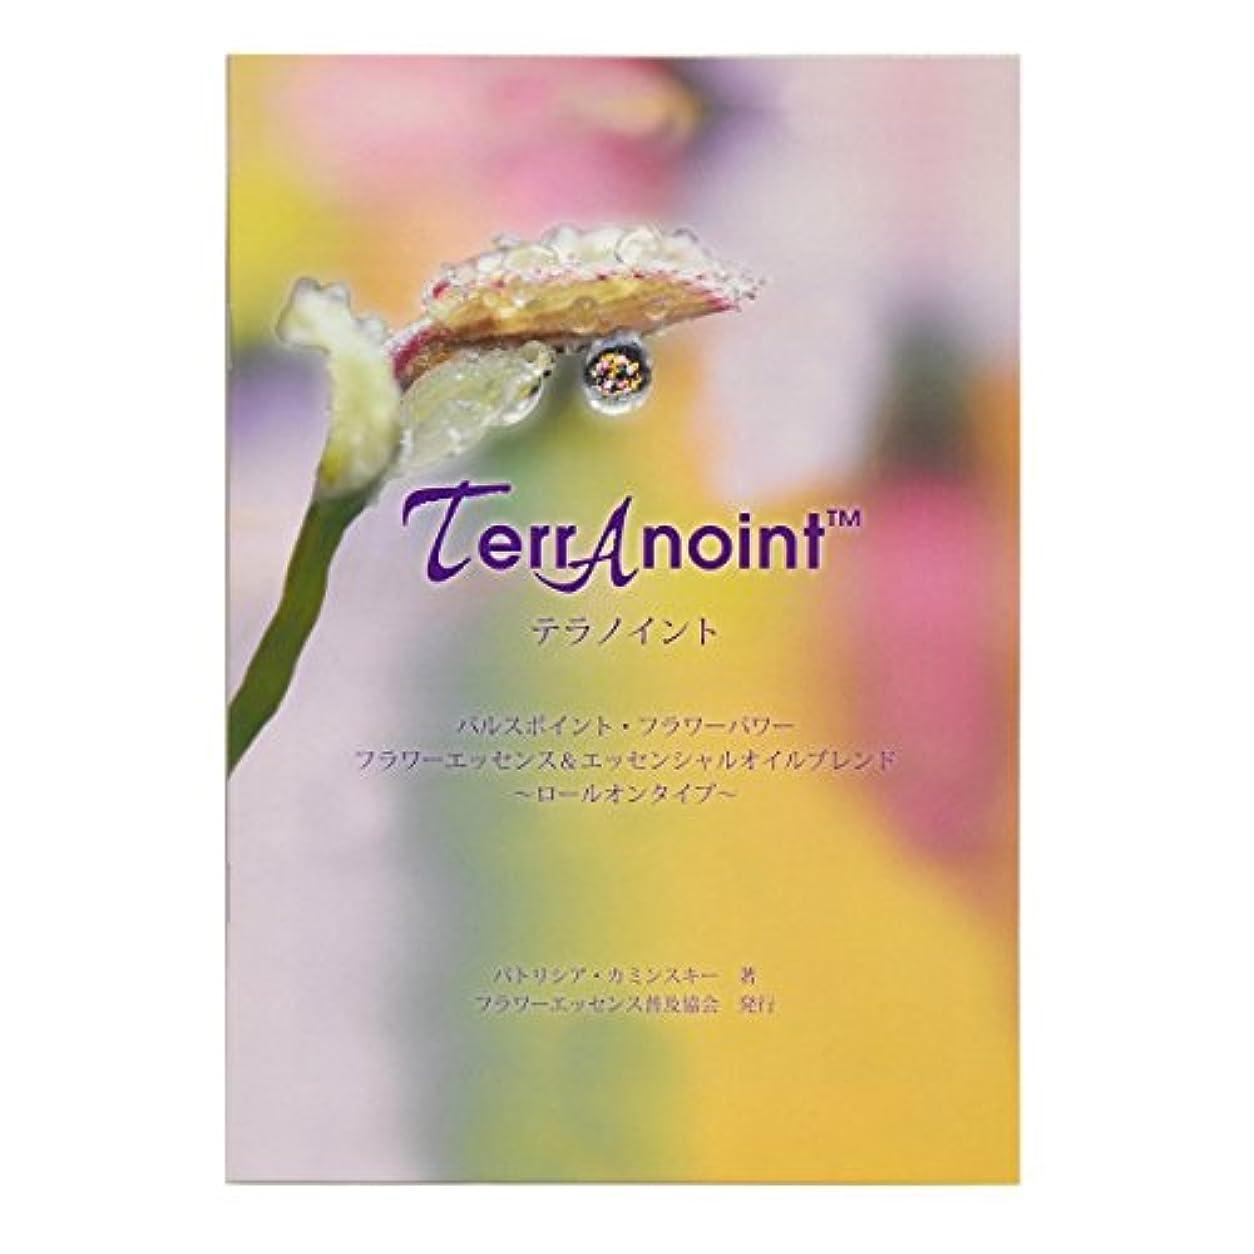 ネット更新する検体FES テラノイント ロールオン 解説小冊子 (Flower Essence Services) 日本国内正規品